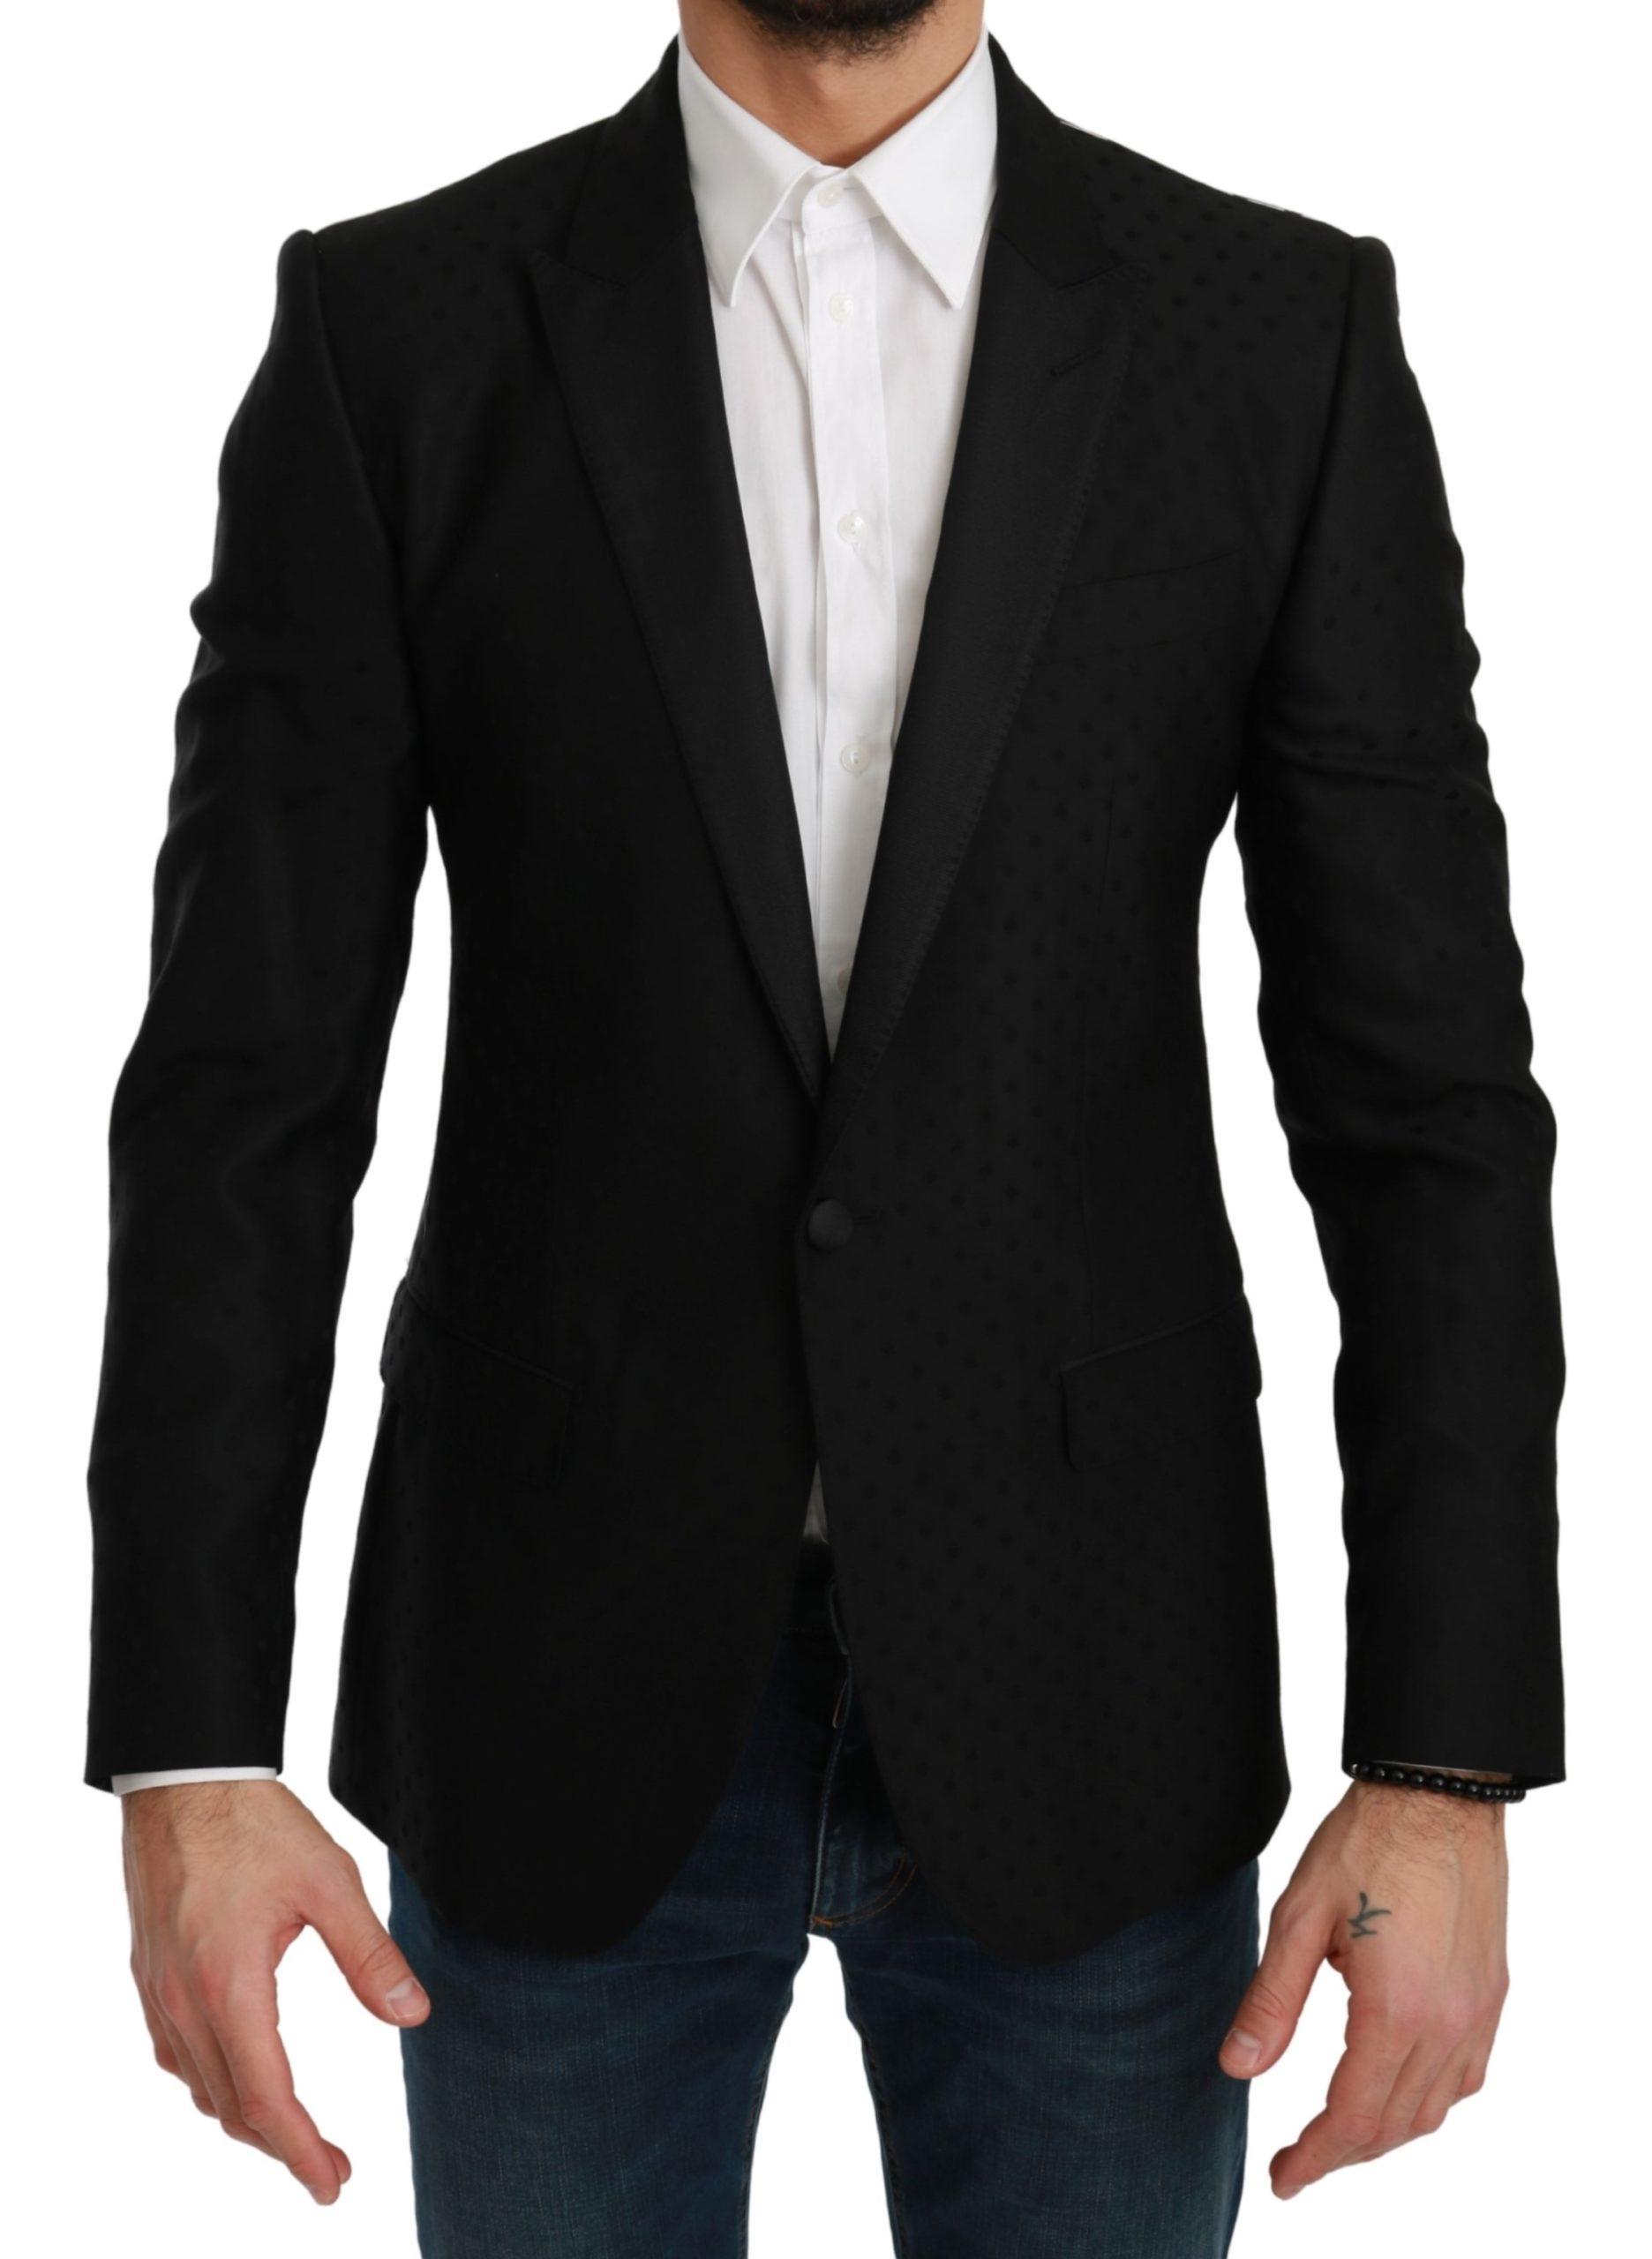 Dolce & Gabbana Men's Slim Fit MARTINI Blazer Black KOS1733 - IT46 | S